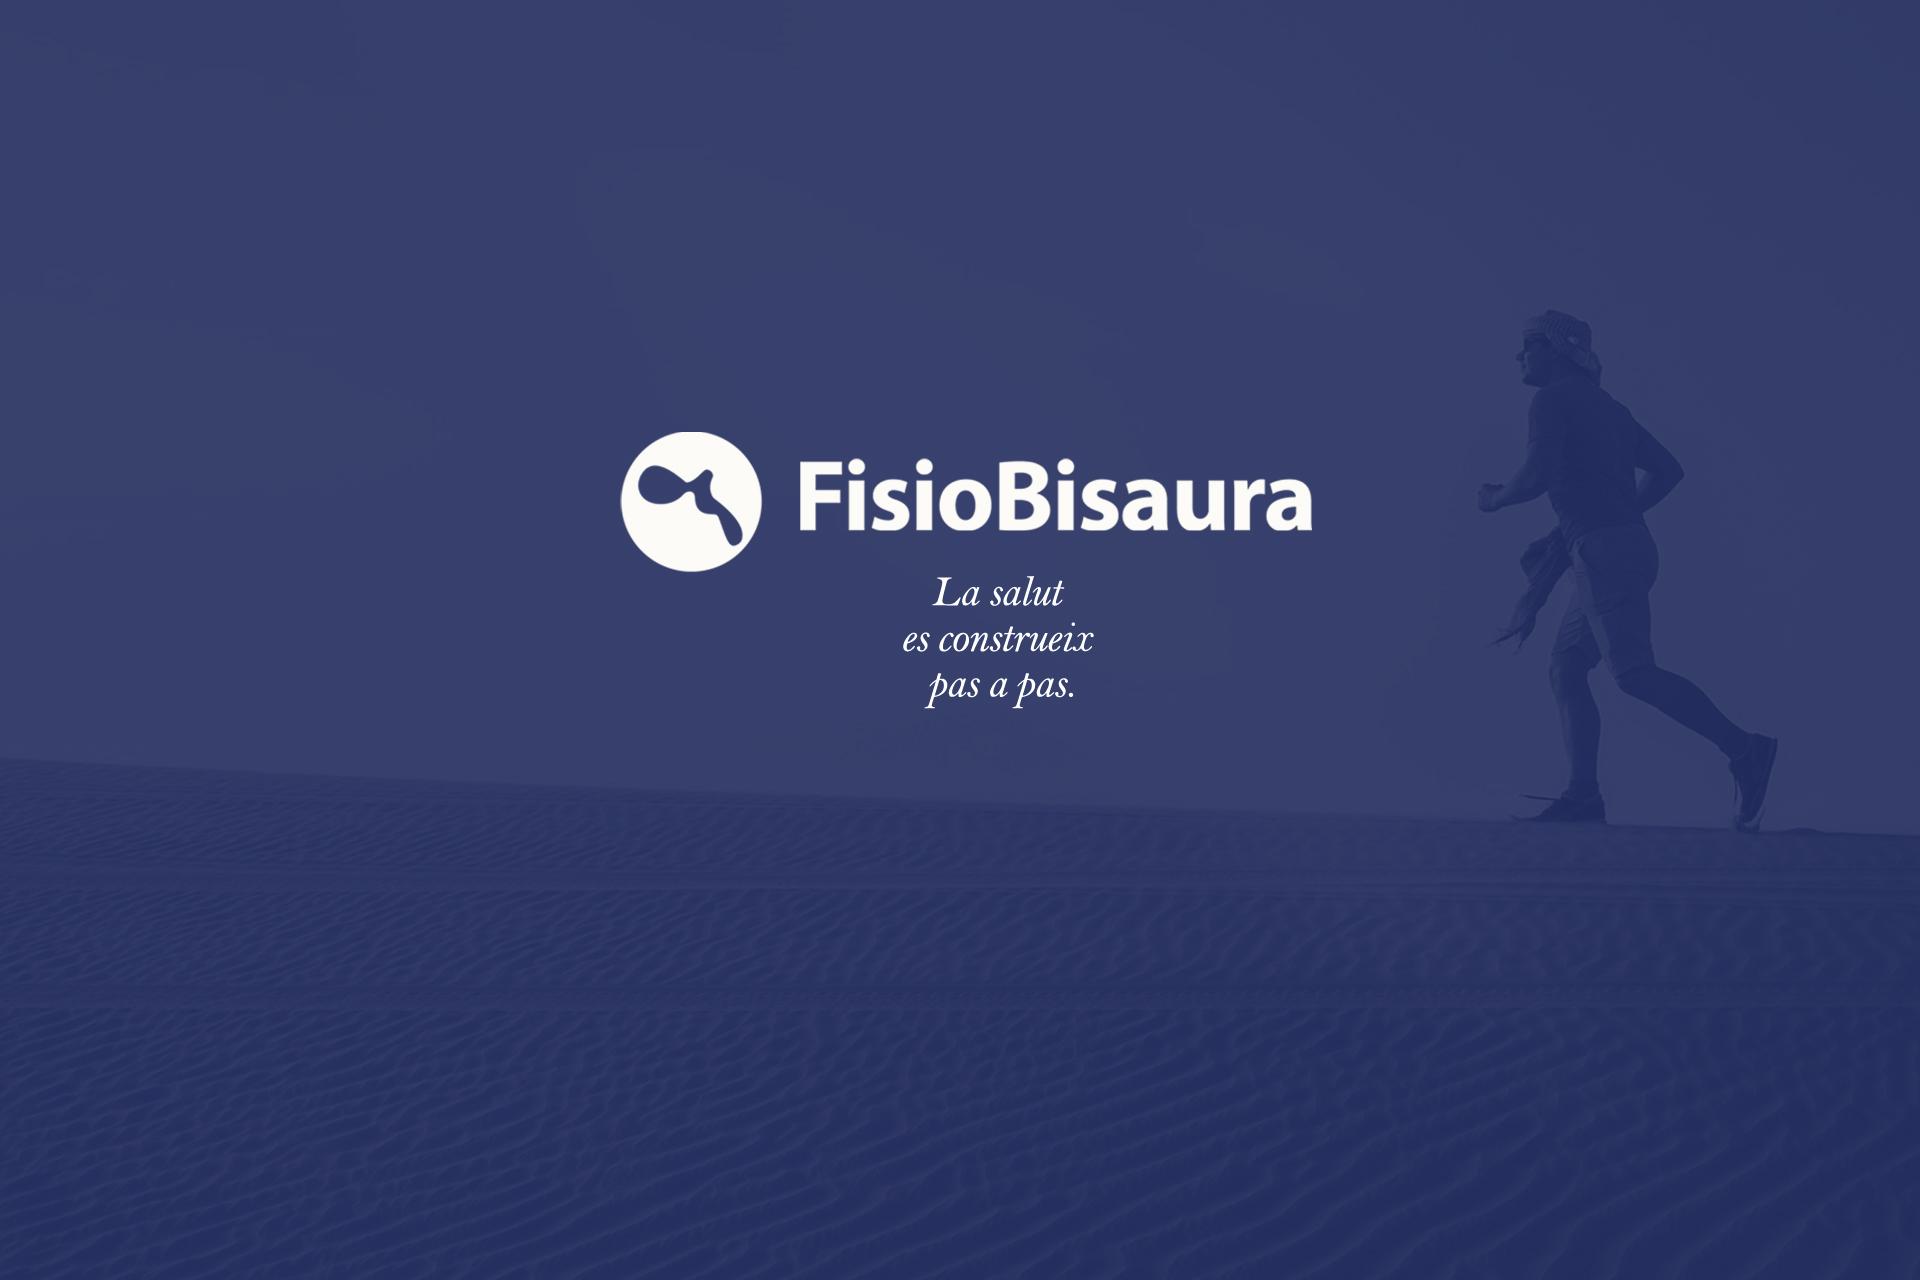 FisioBisaura